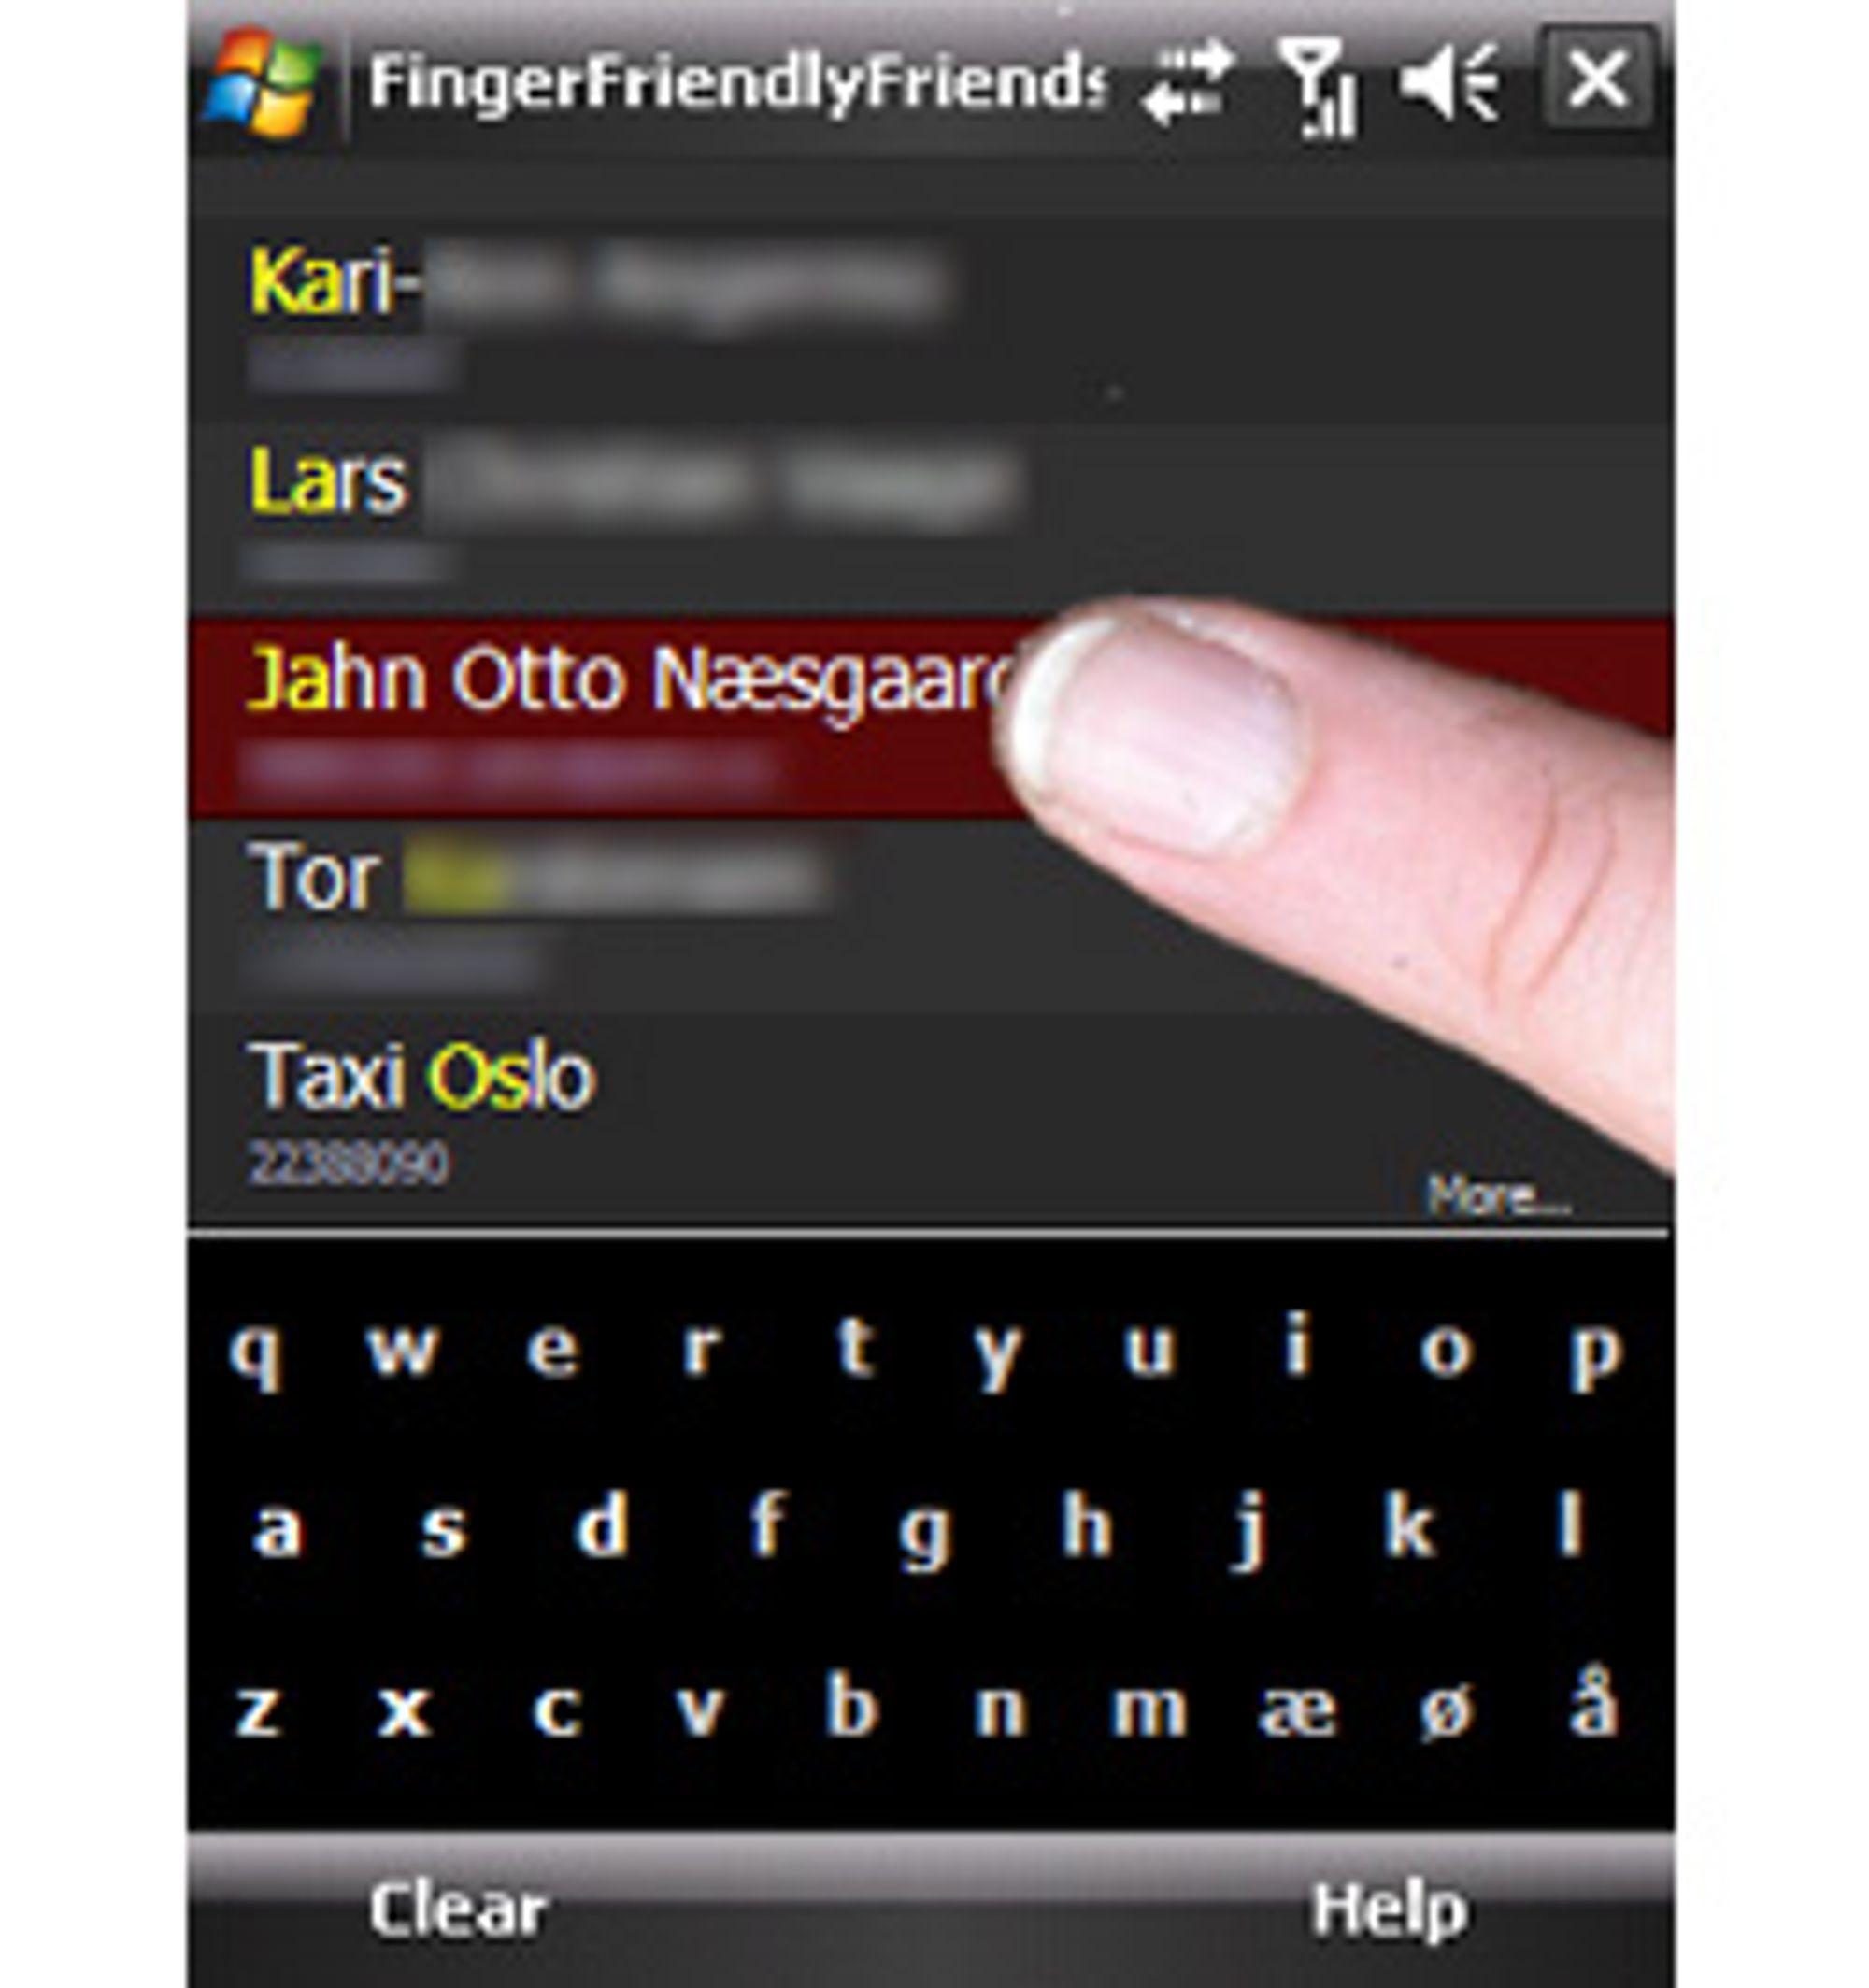 Slik ser kontaktlisten til Finger Friendly Friends ut. (Alle bilder: Finger Friendly Friends)